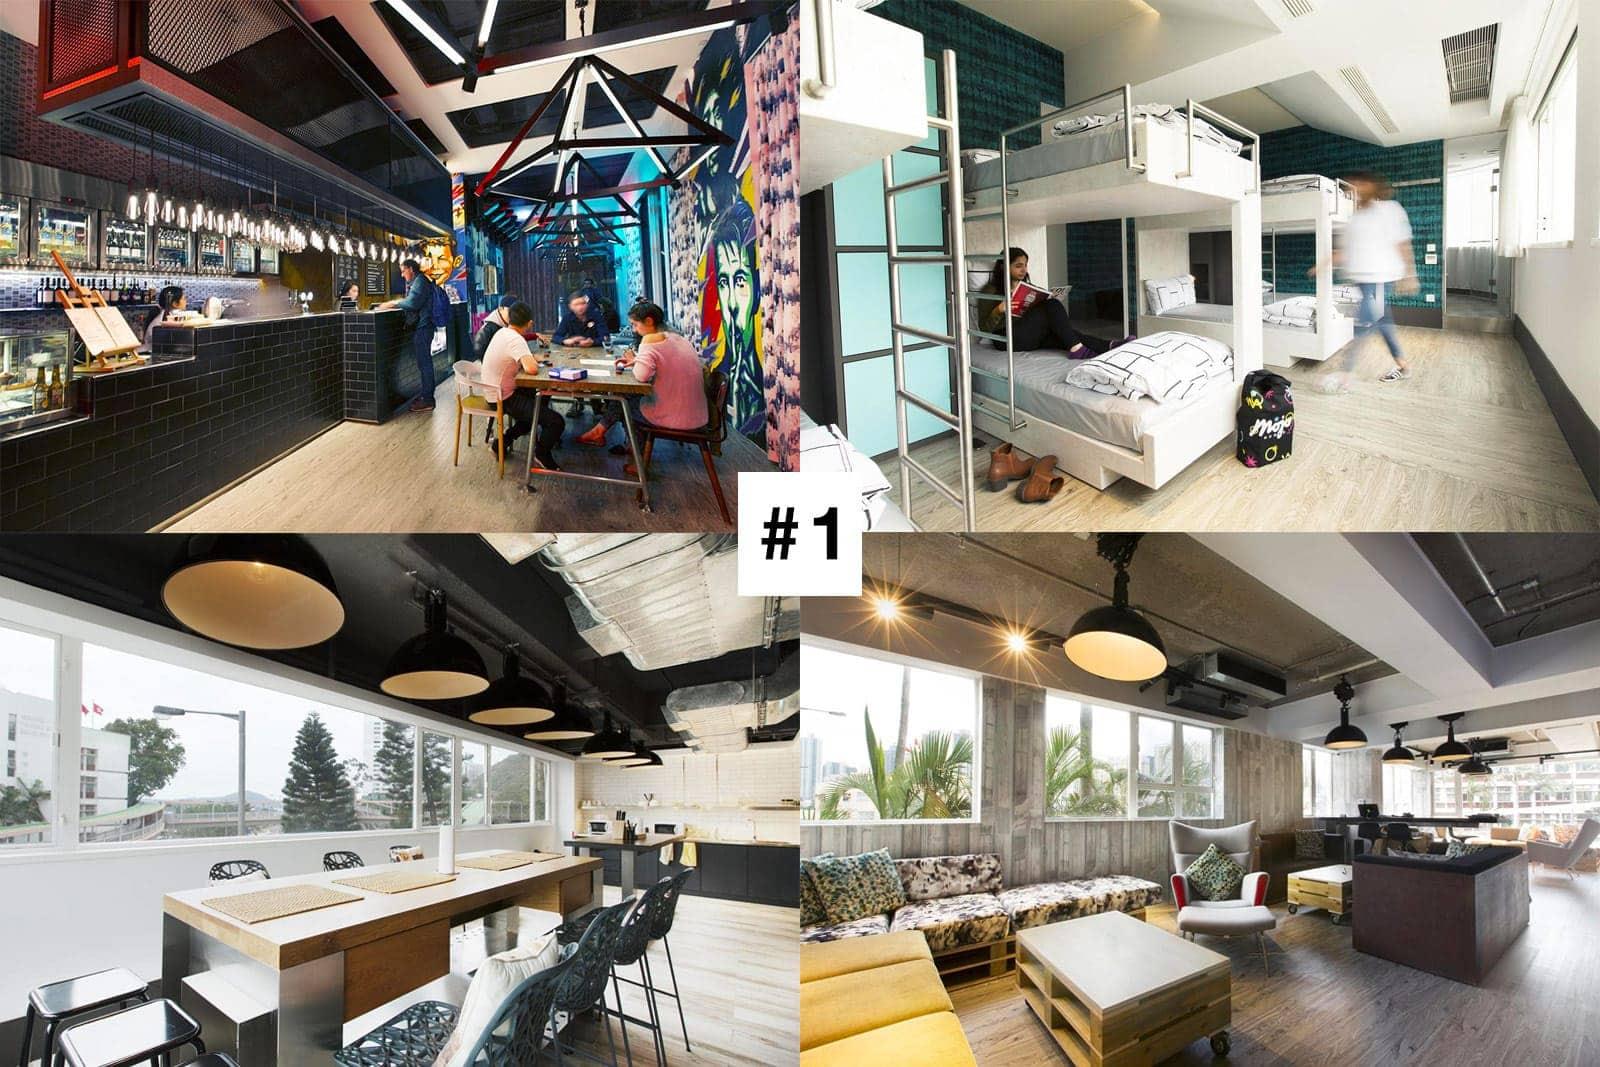 (Hong Kong Hostels 2018) แนะนำ 12 โฮสเทลที่ฮิป + ดีในฮ่องกง